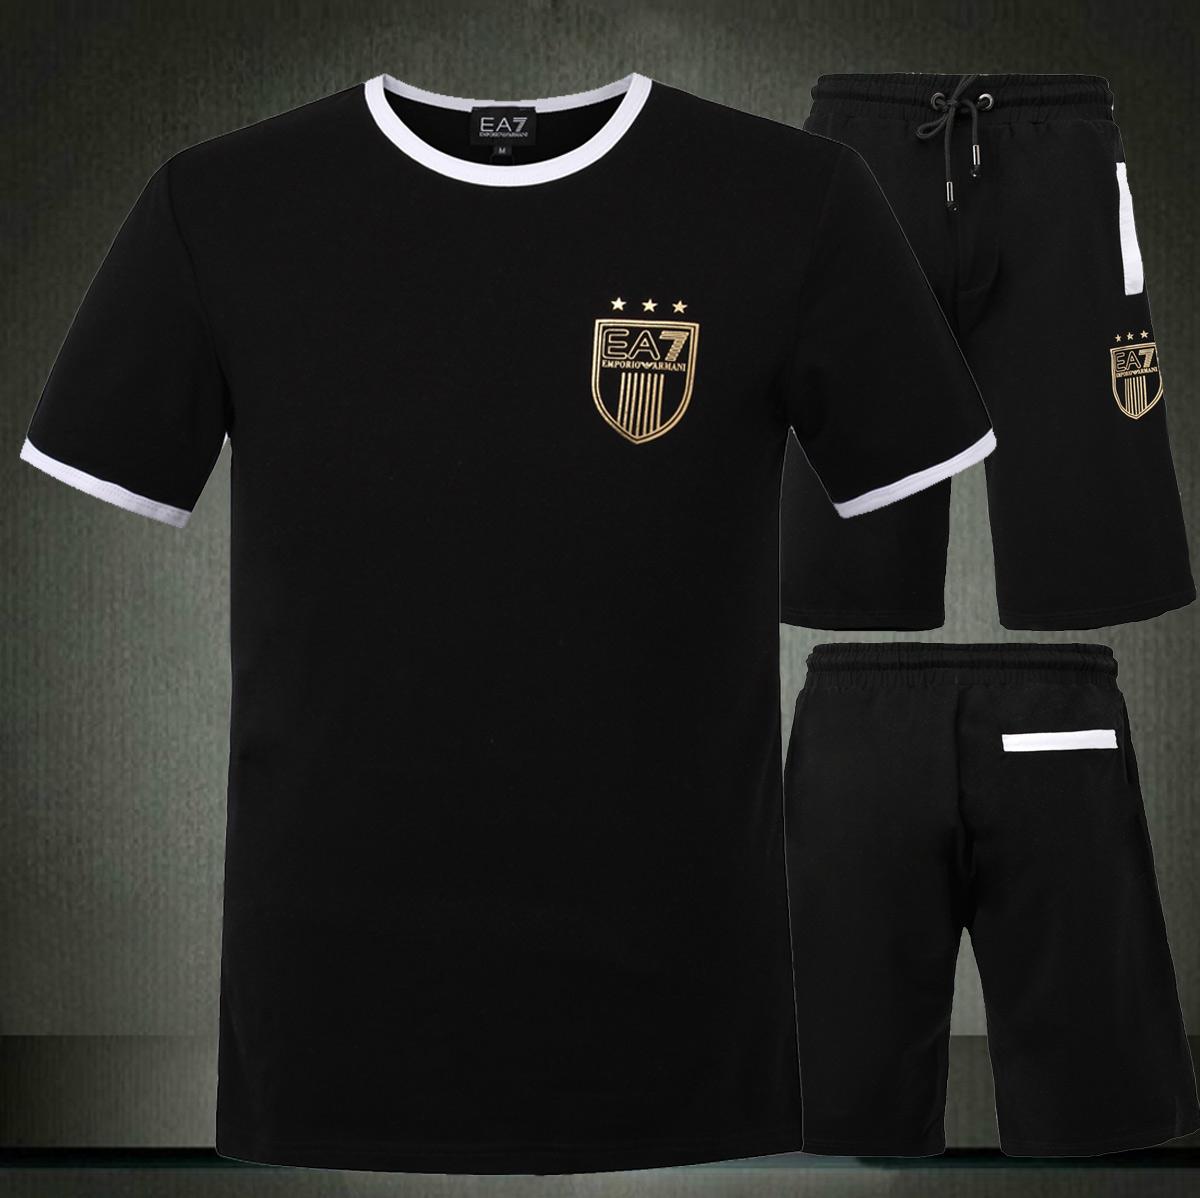 armani Anzug mode - page15,nouveau Trainingsanzug arManni homme ea7 pas  cher sur marque 2415 b1f361c82ff